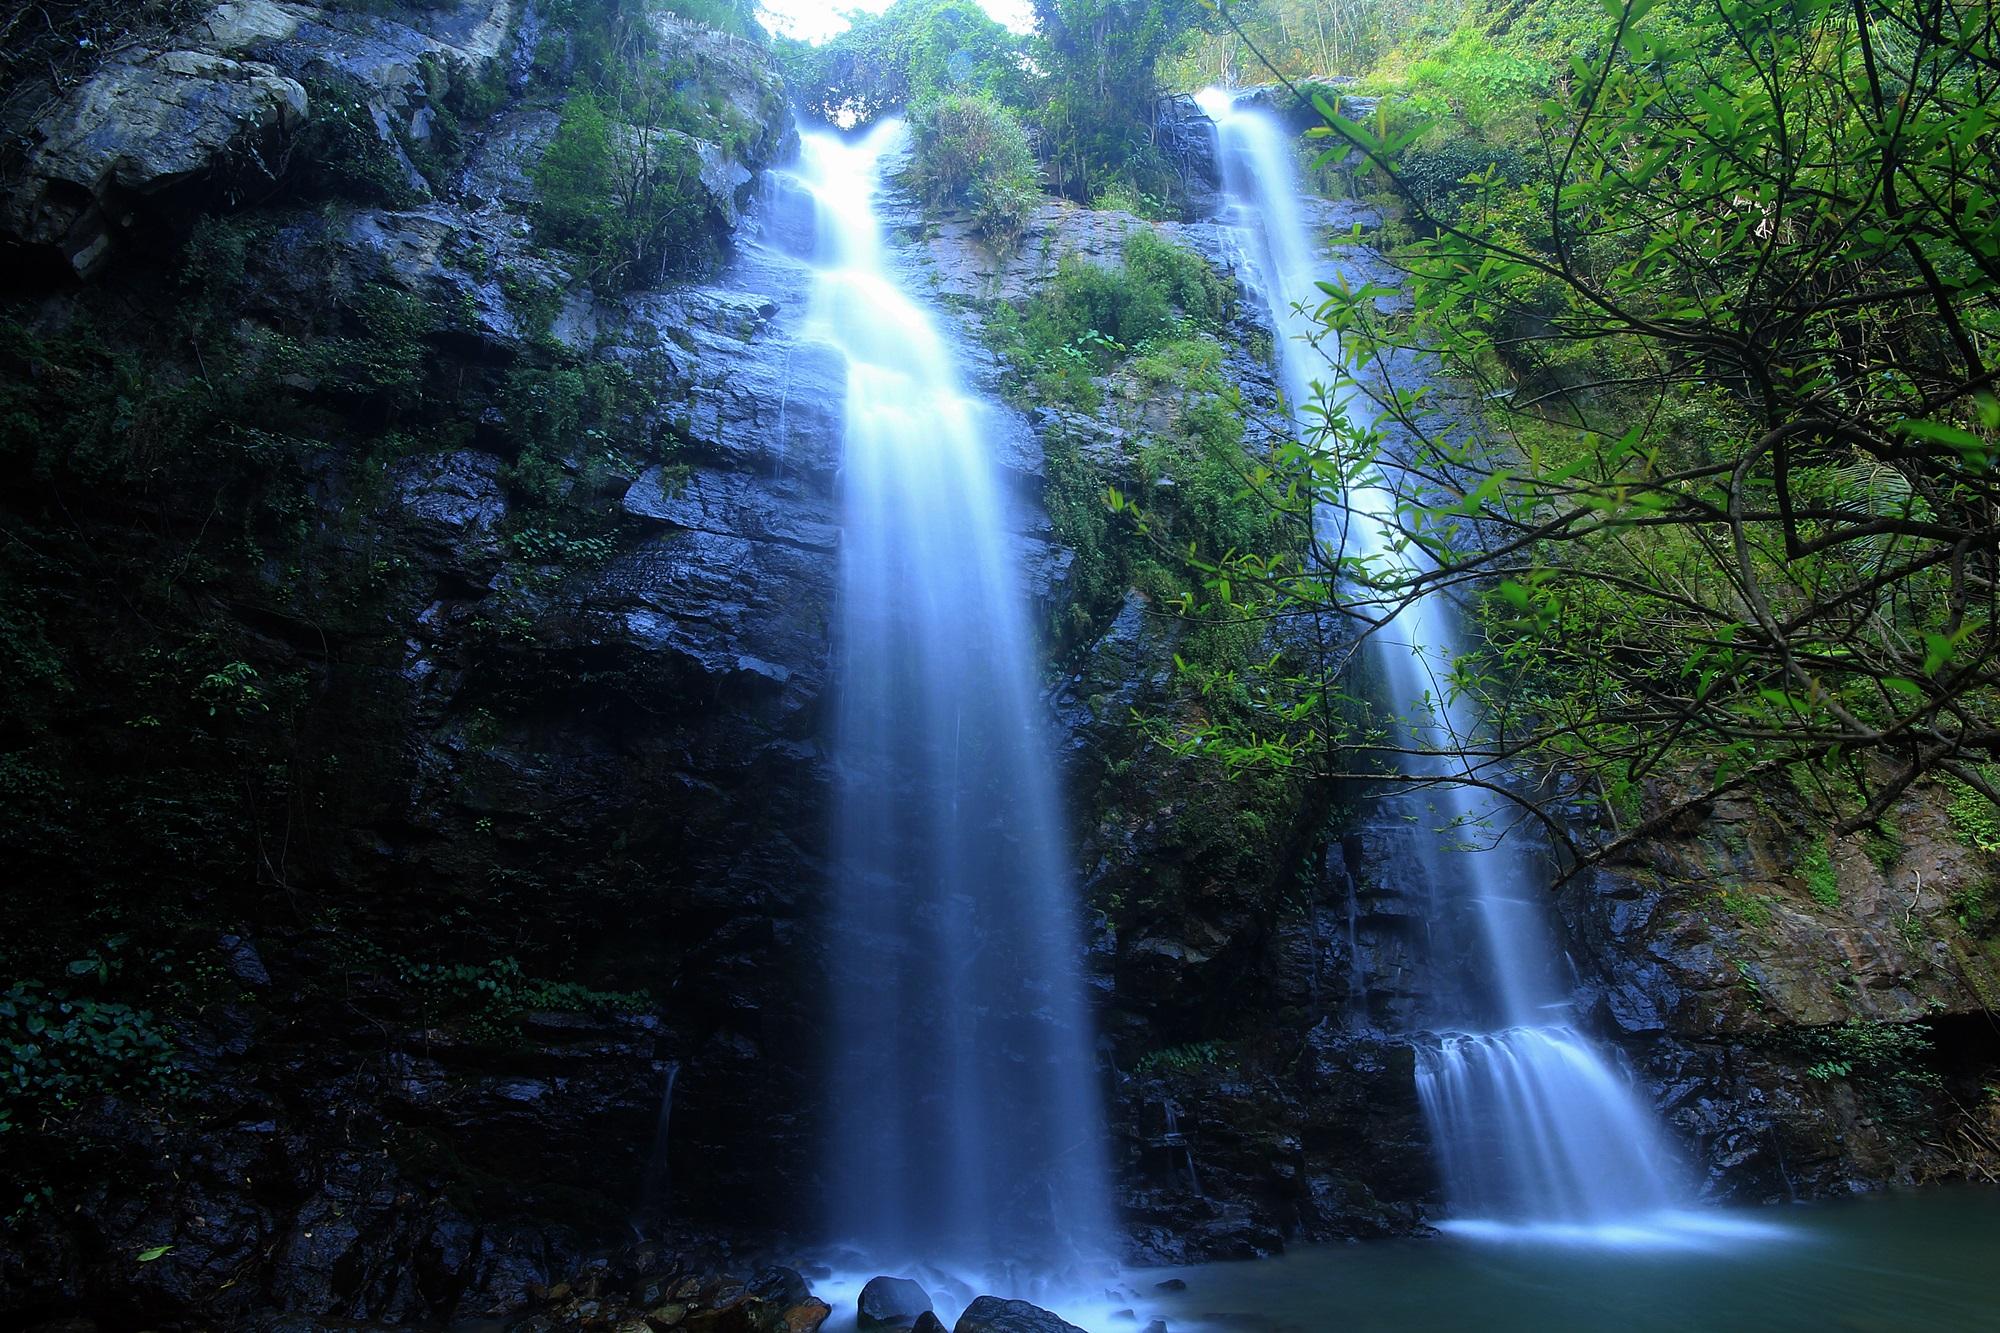 Tad dao waterfall